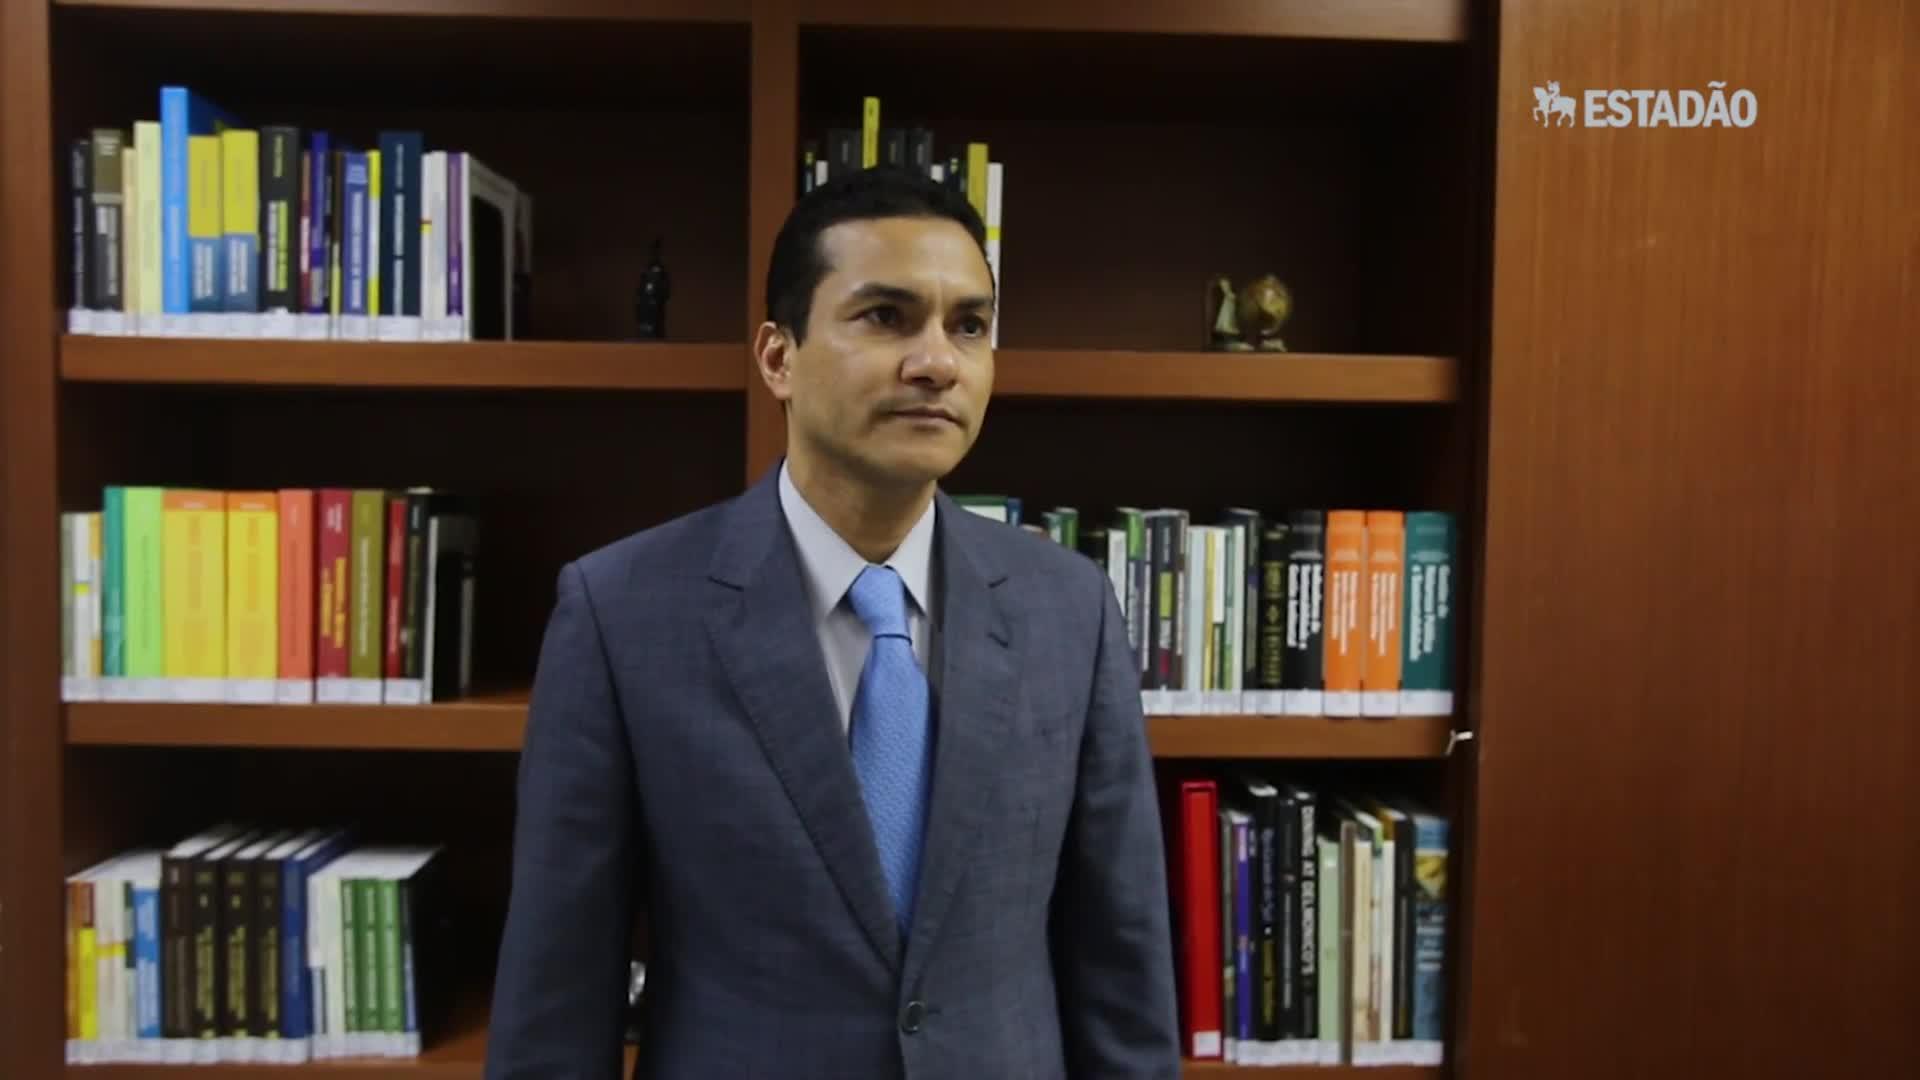 Presidente do PRB: 'Quantos dos atuais ministros não têm afinidade com a sua pasta?'